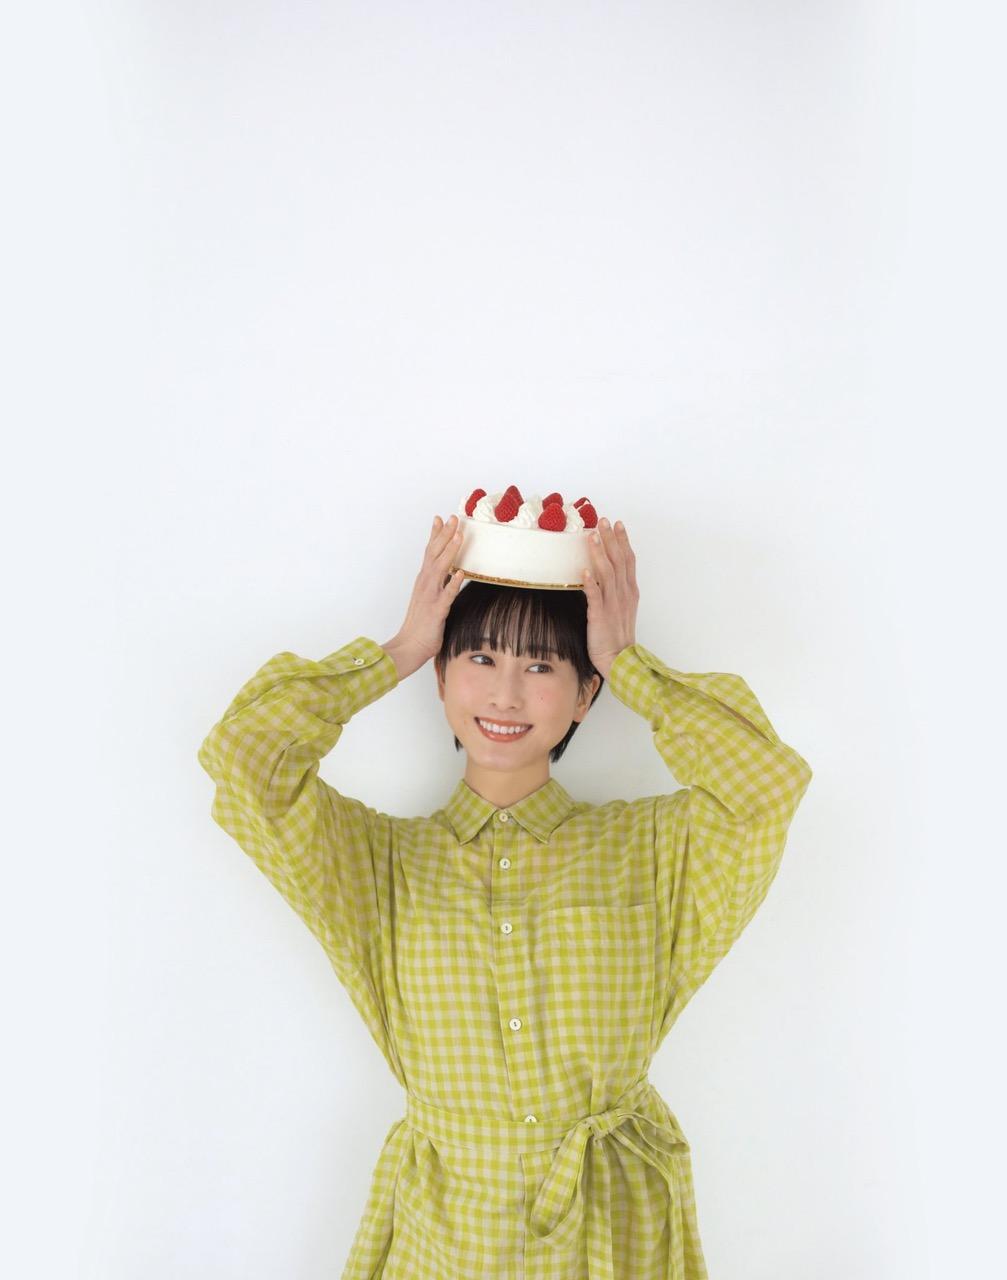 松井玲奈 初エッセイ集「ひみつのたべもの」4/20発売決定!【予約開始】